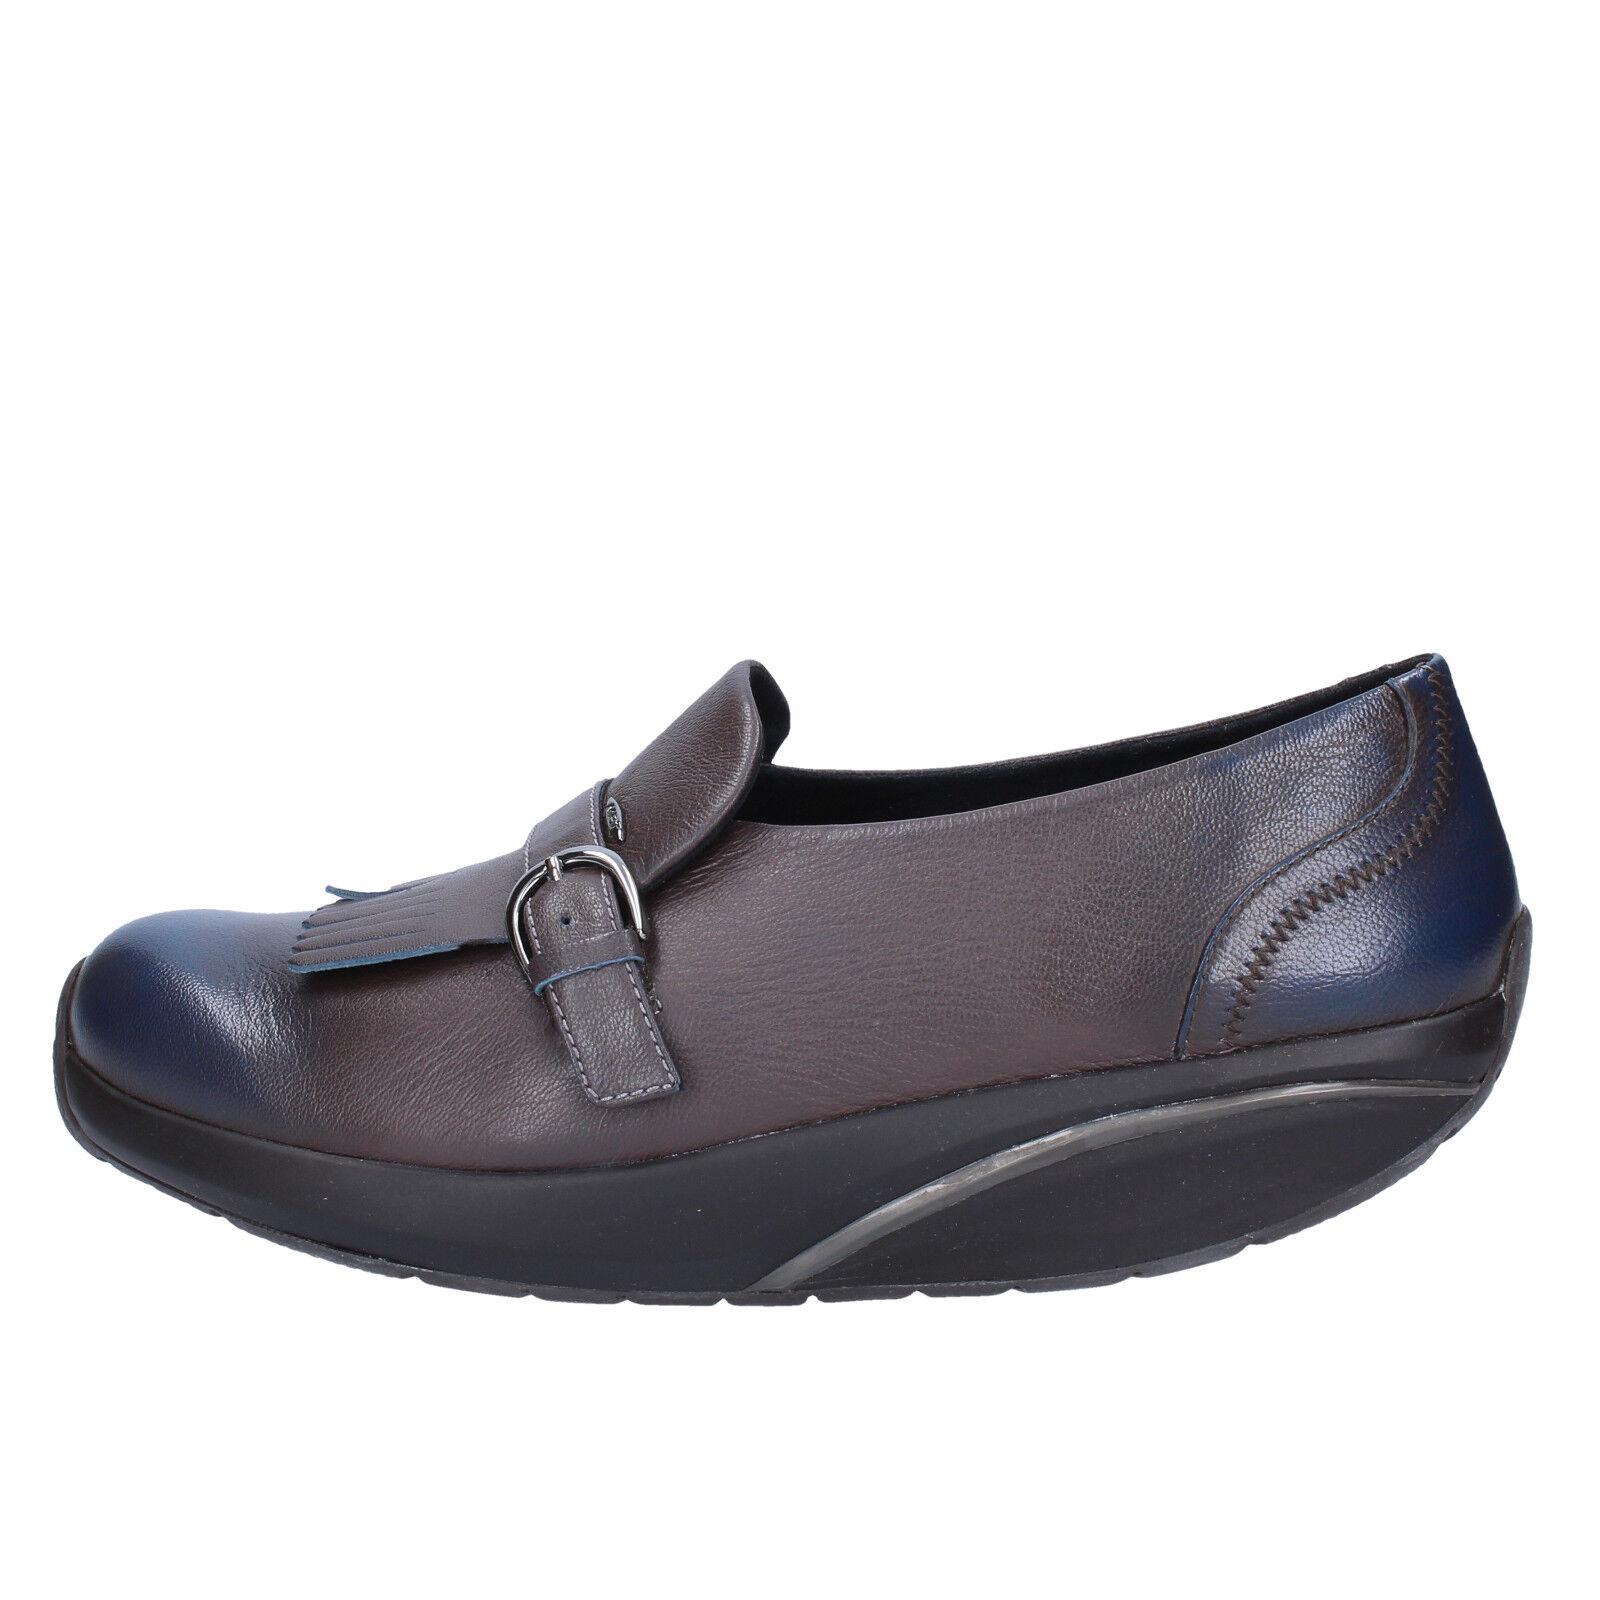 Zapatos fehombresinos MBT 4 (UE 37) loakers cuero gris y azul ac129 - B